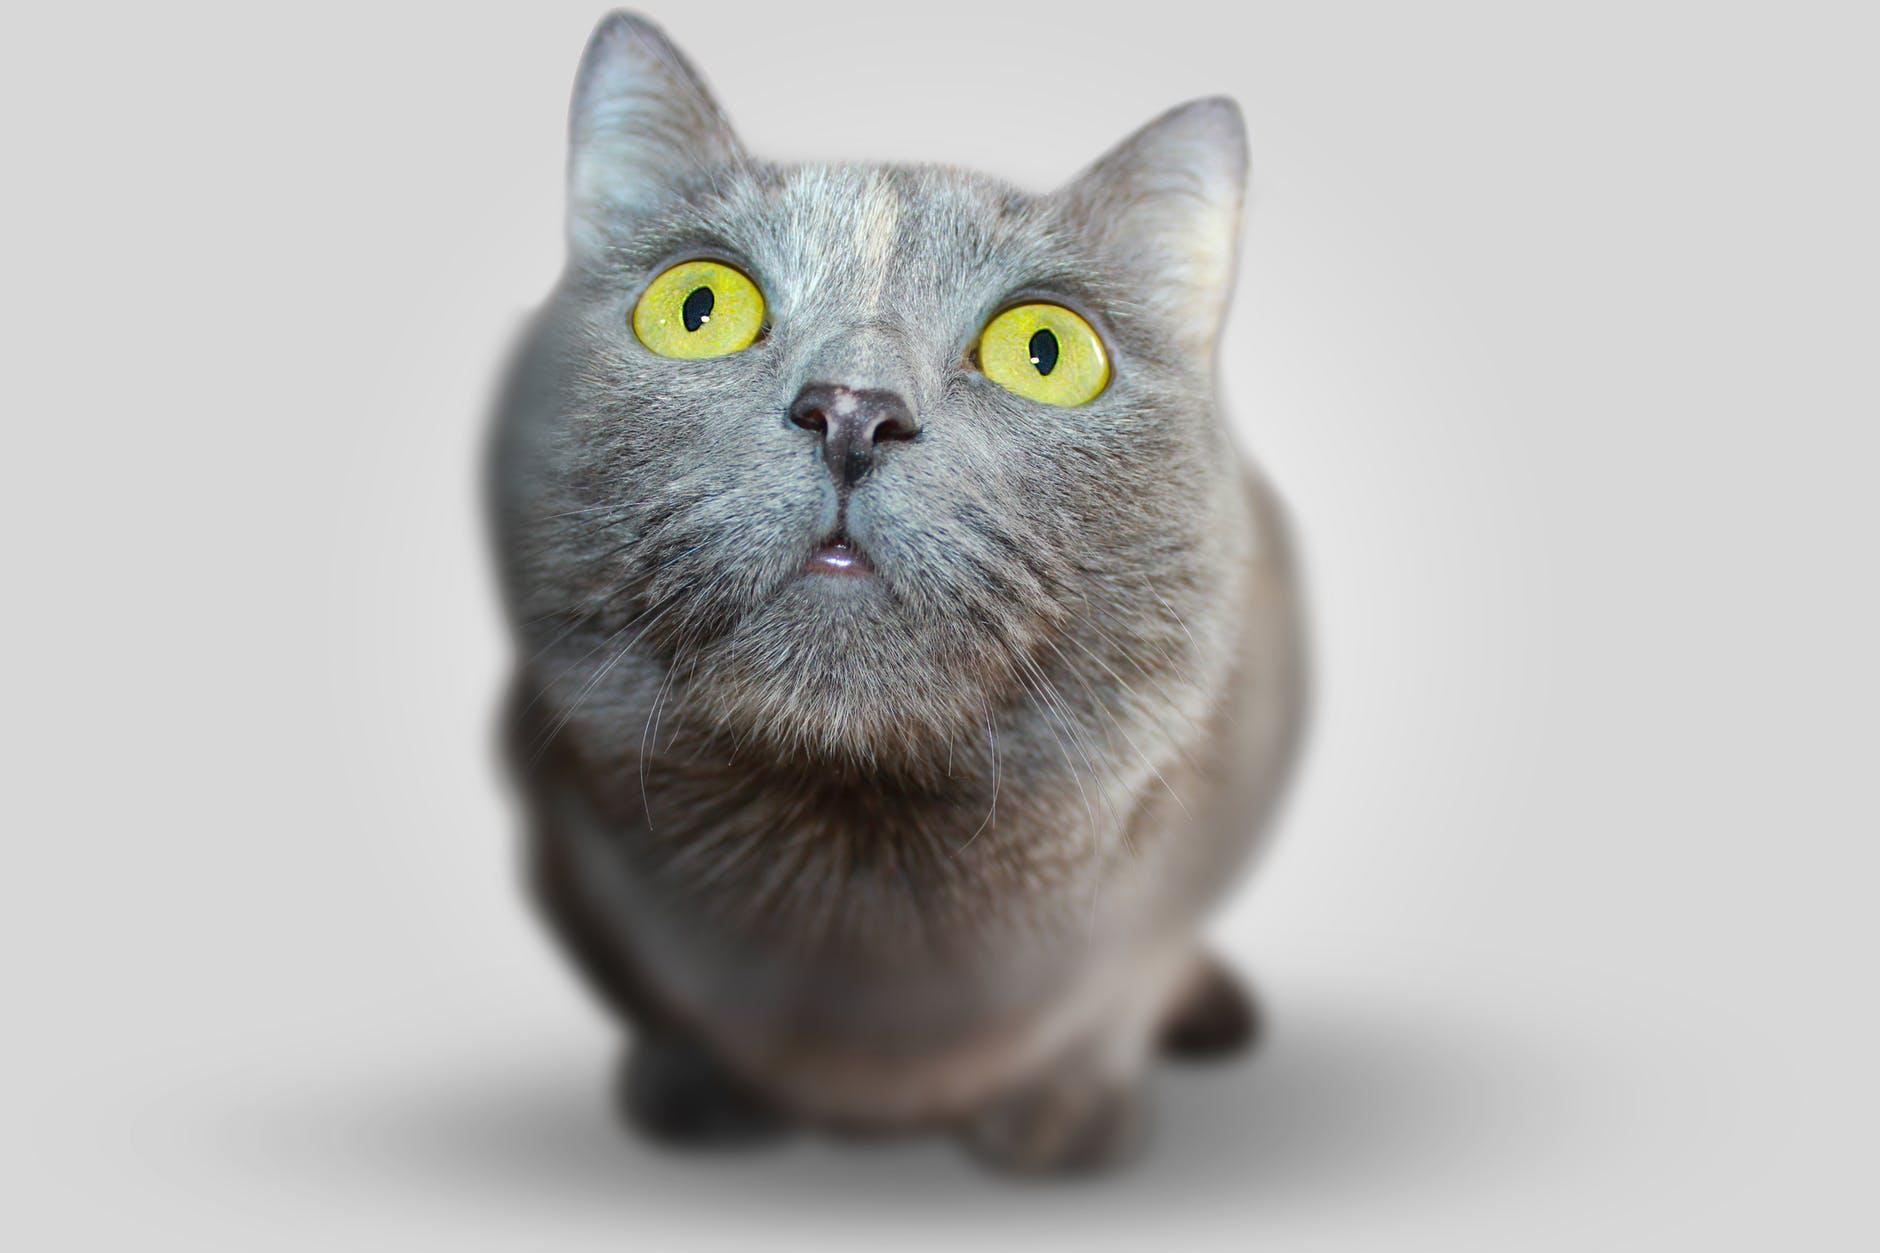 animal pet eyes grey